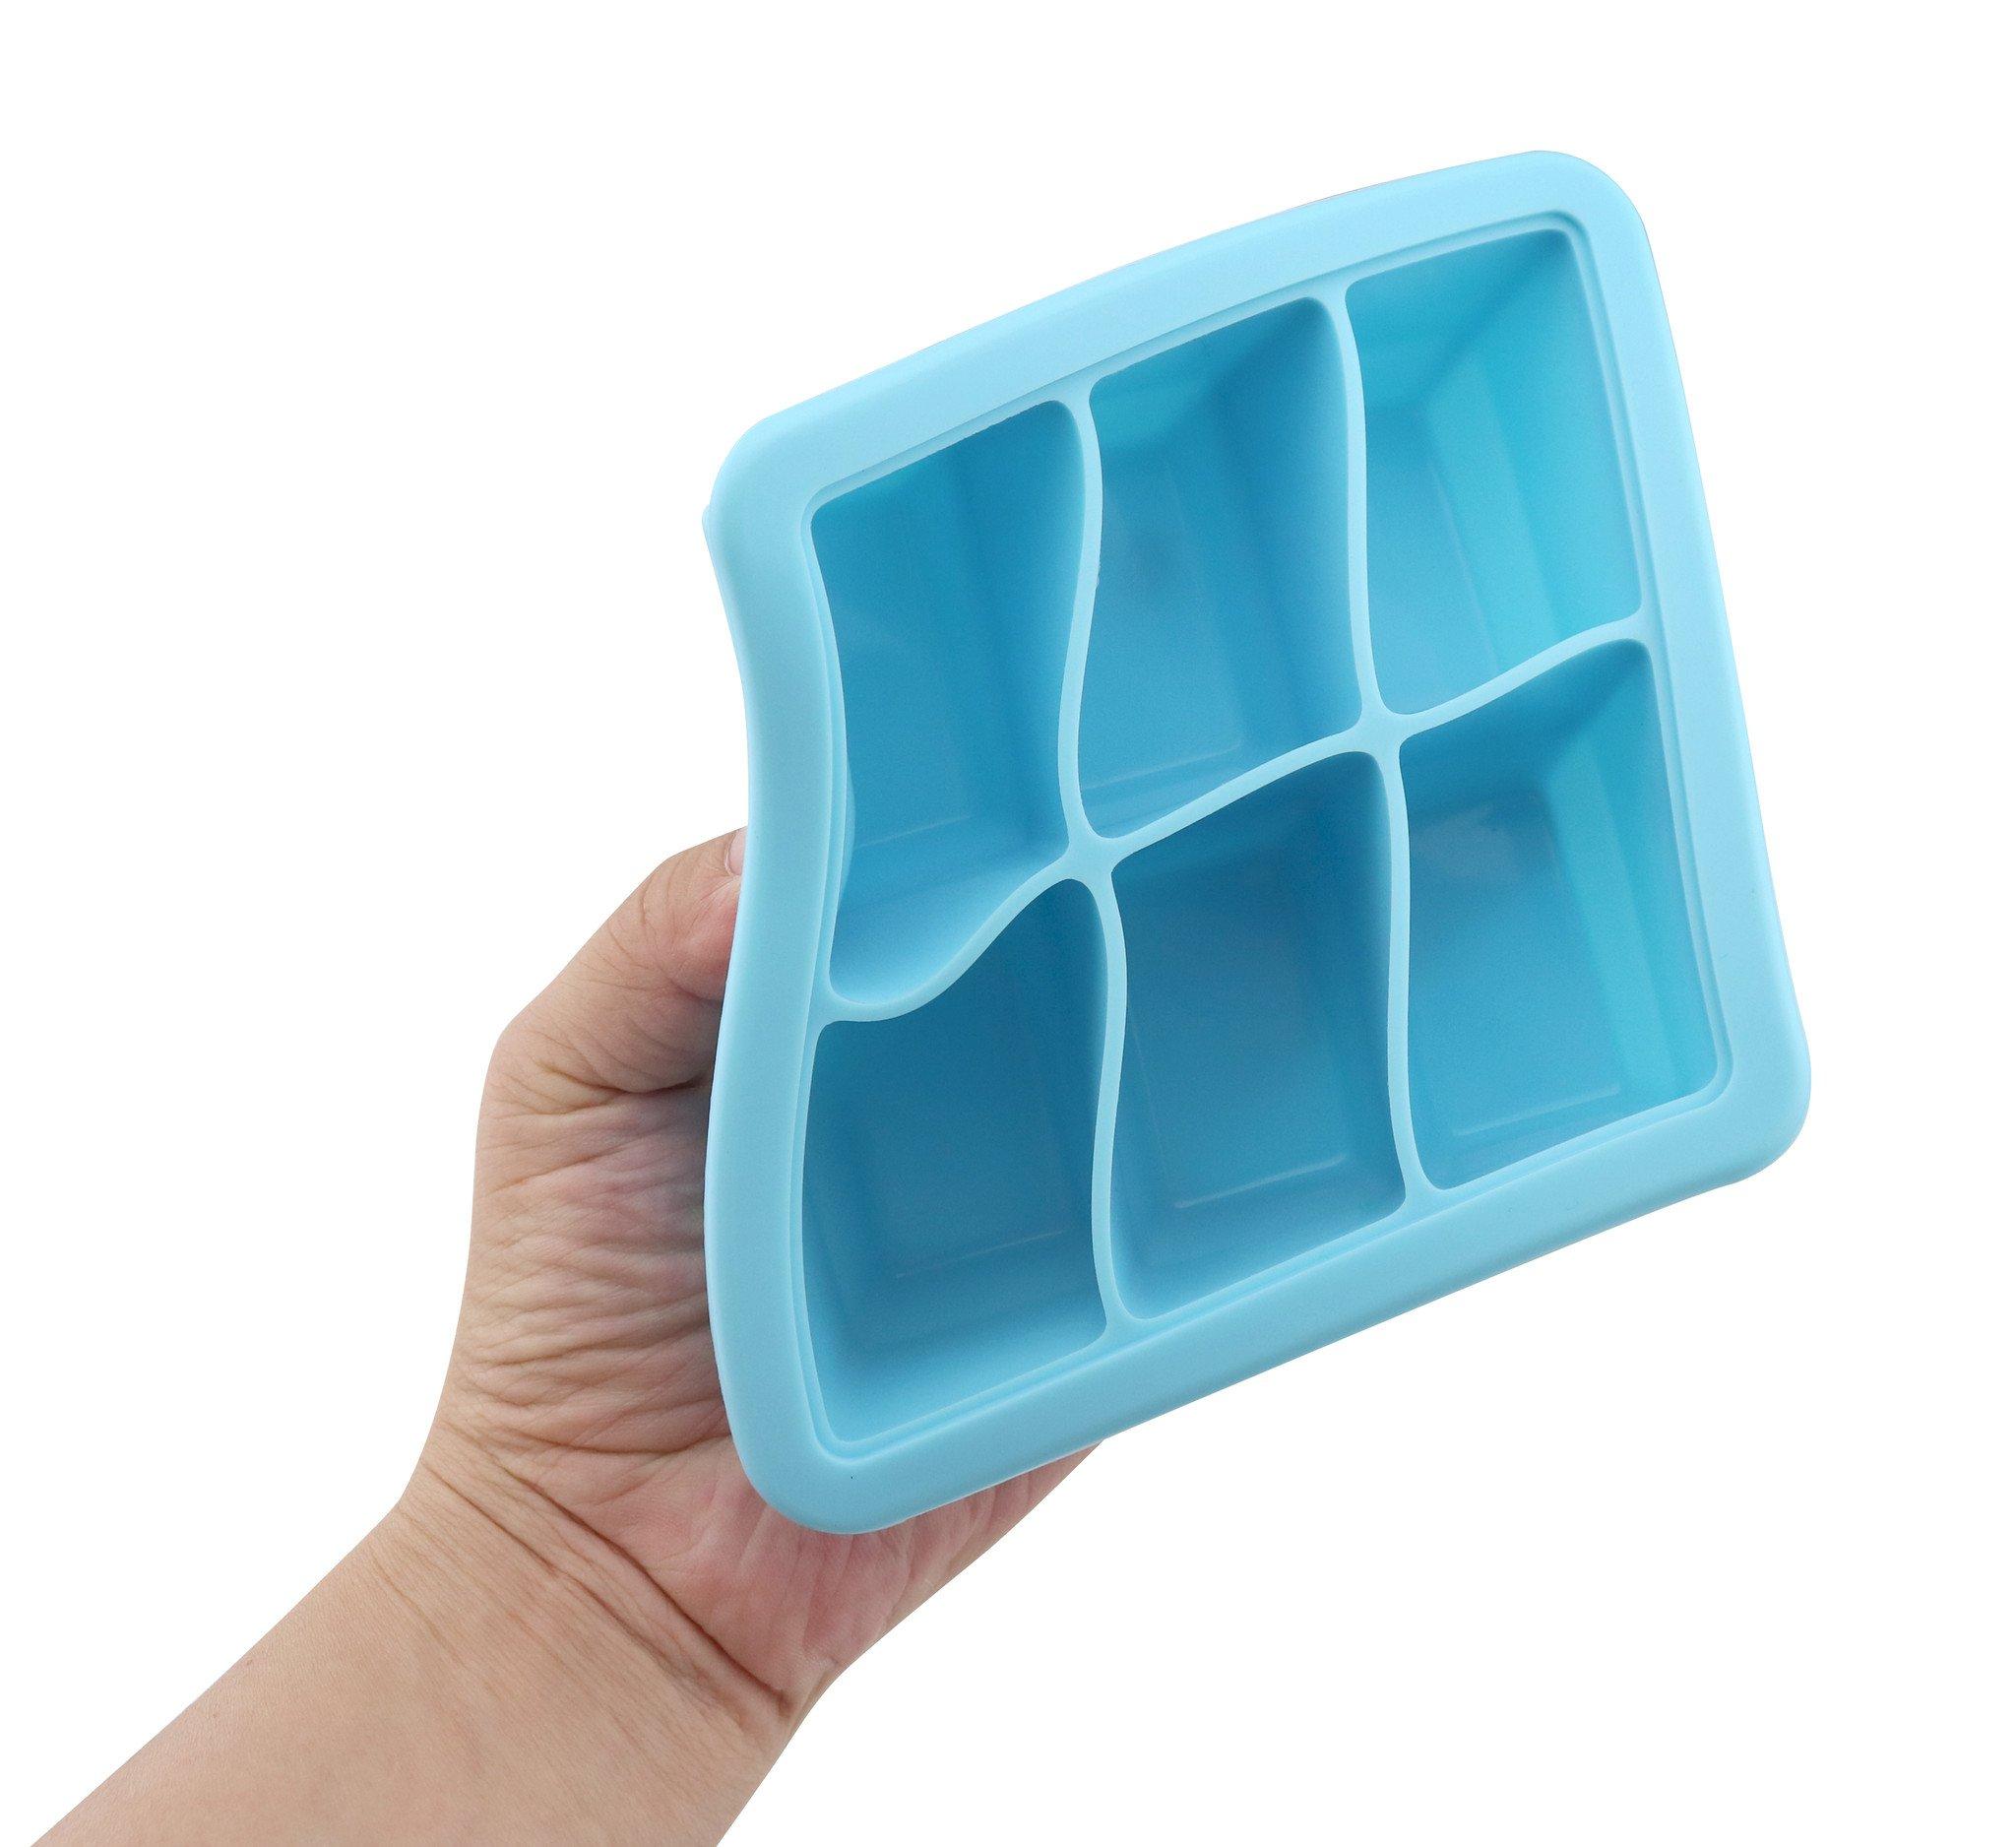 Breast milk freezer trays